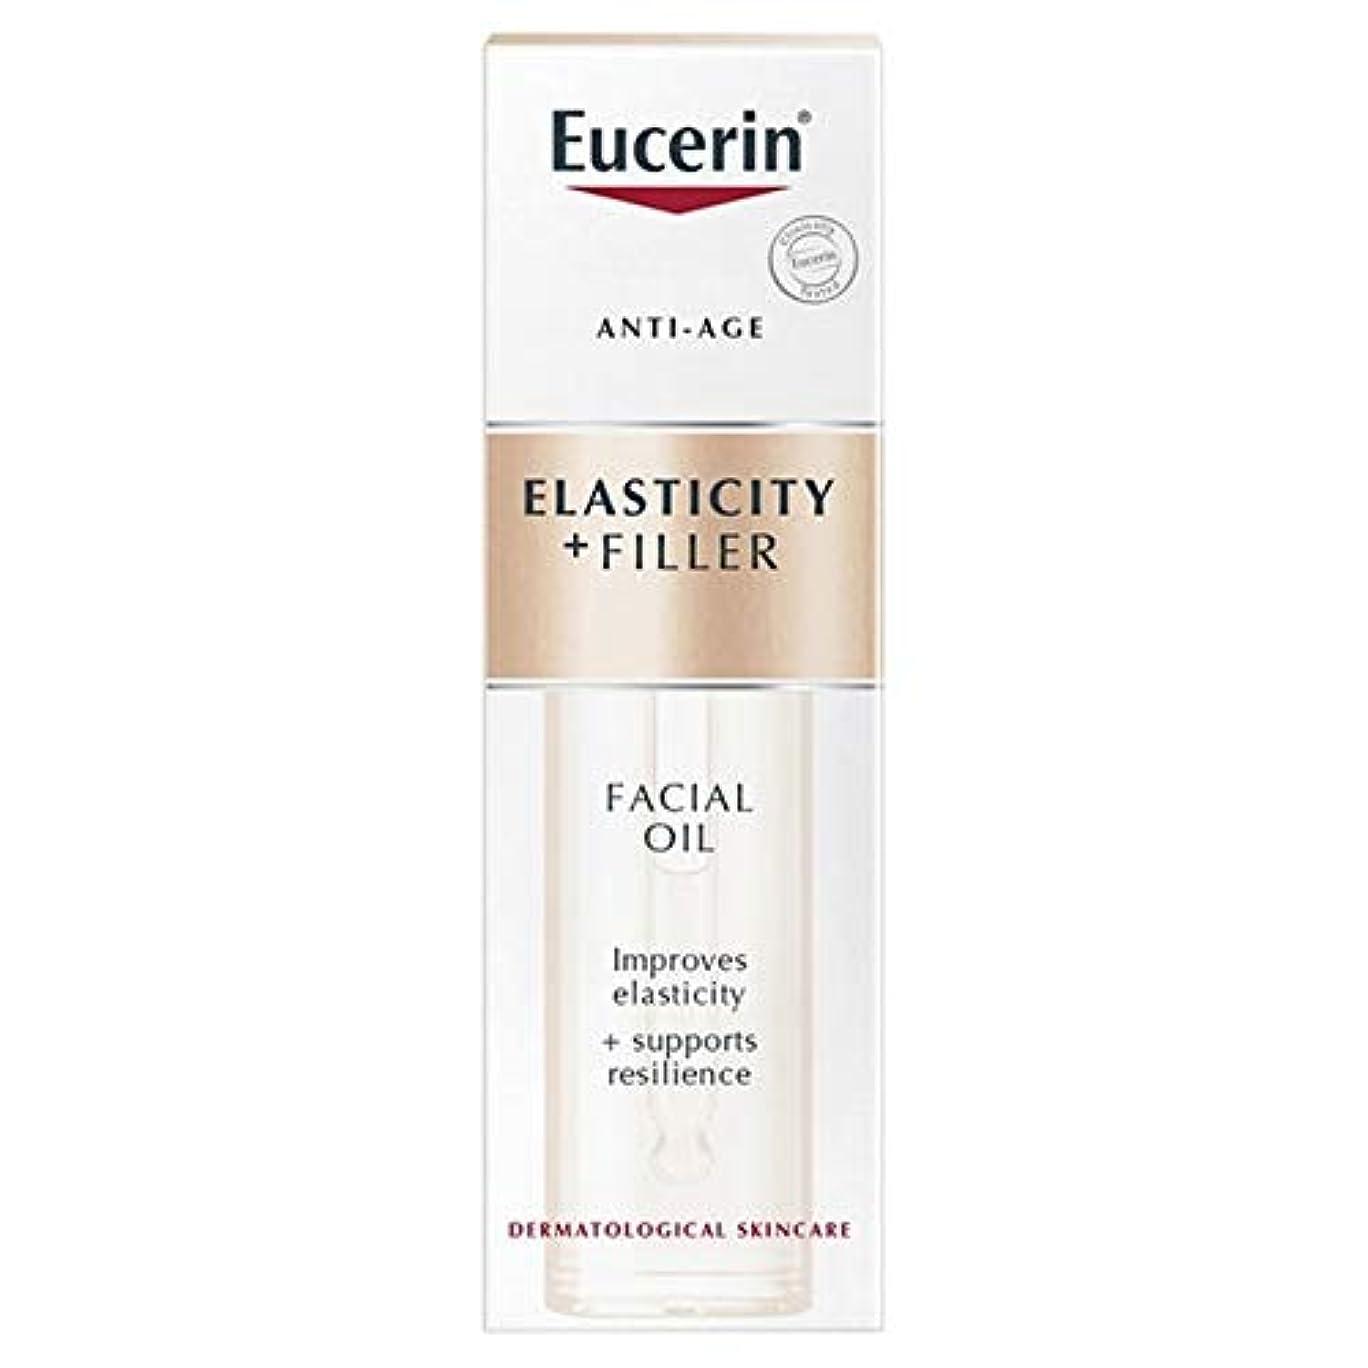 未接続オーバーフロー歯[Eucerin ] ユーセリン抗年齢の弾力+フィラーフェイシャルオイル30ミリリットル - Eucerin Anti-Age Elasticity + Filler Facial Oil 30ml [並行輸入品]